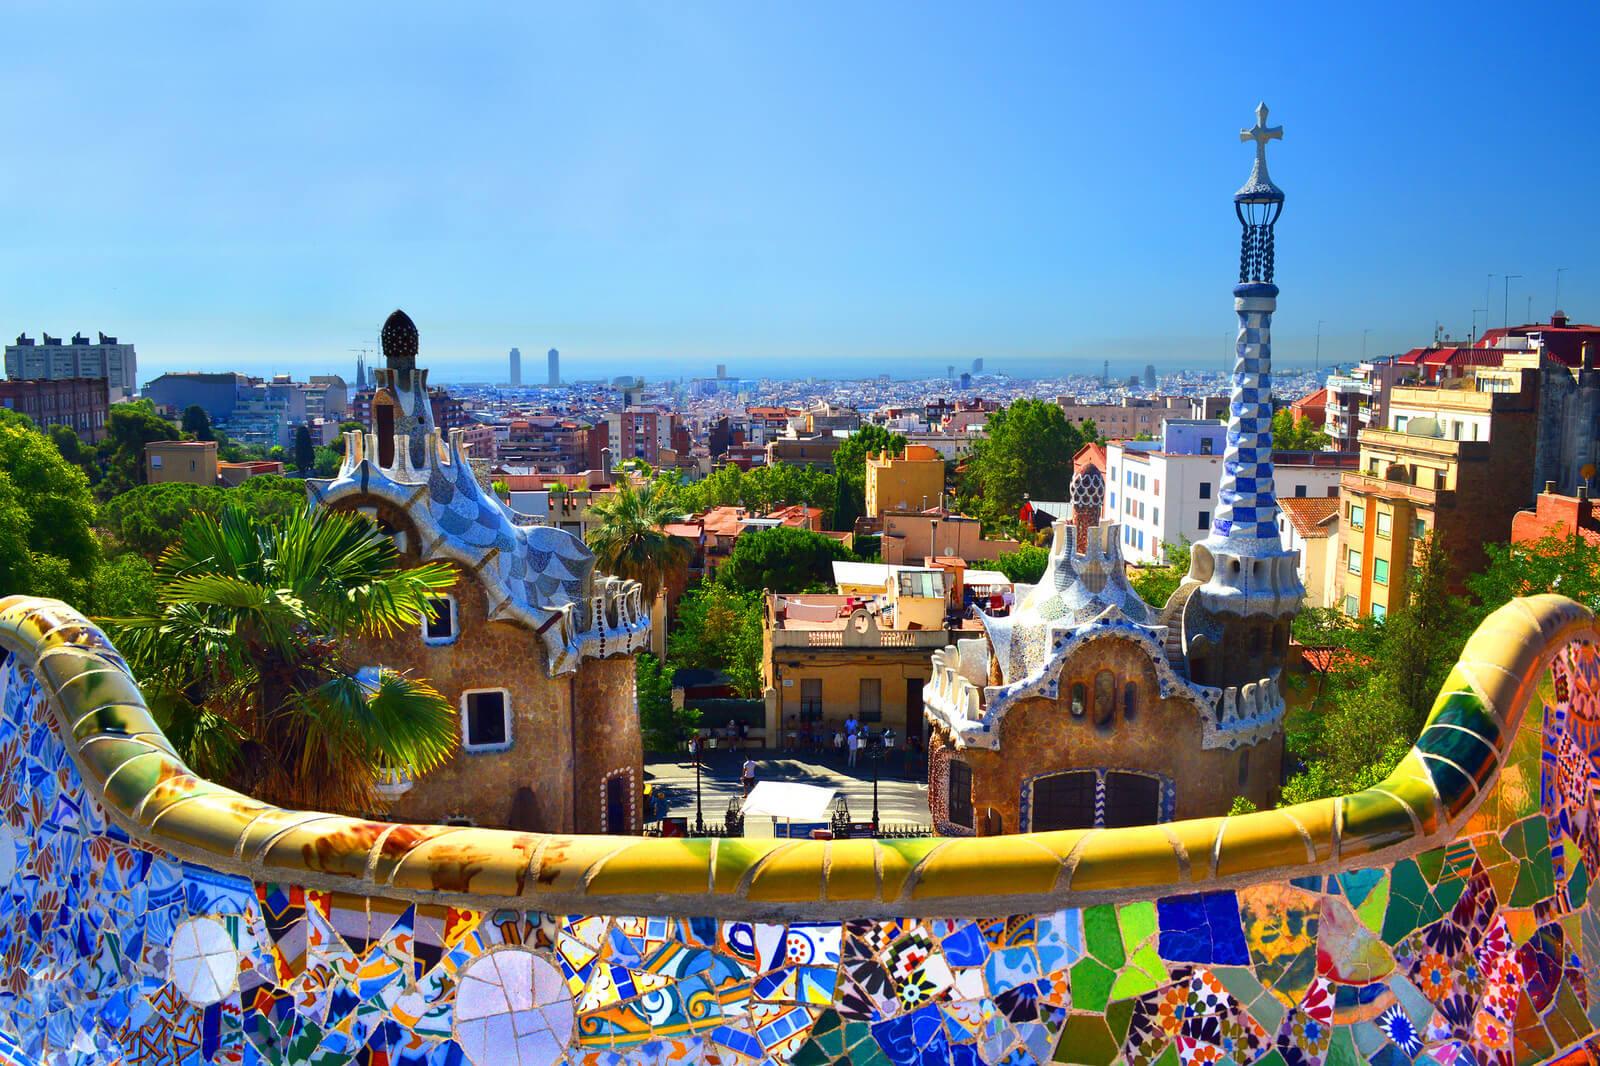 Куда отправиться на отдых осенью 2019 - Парк Гуэль Барселона